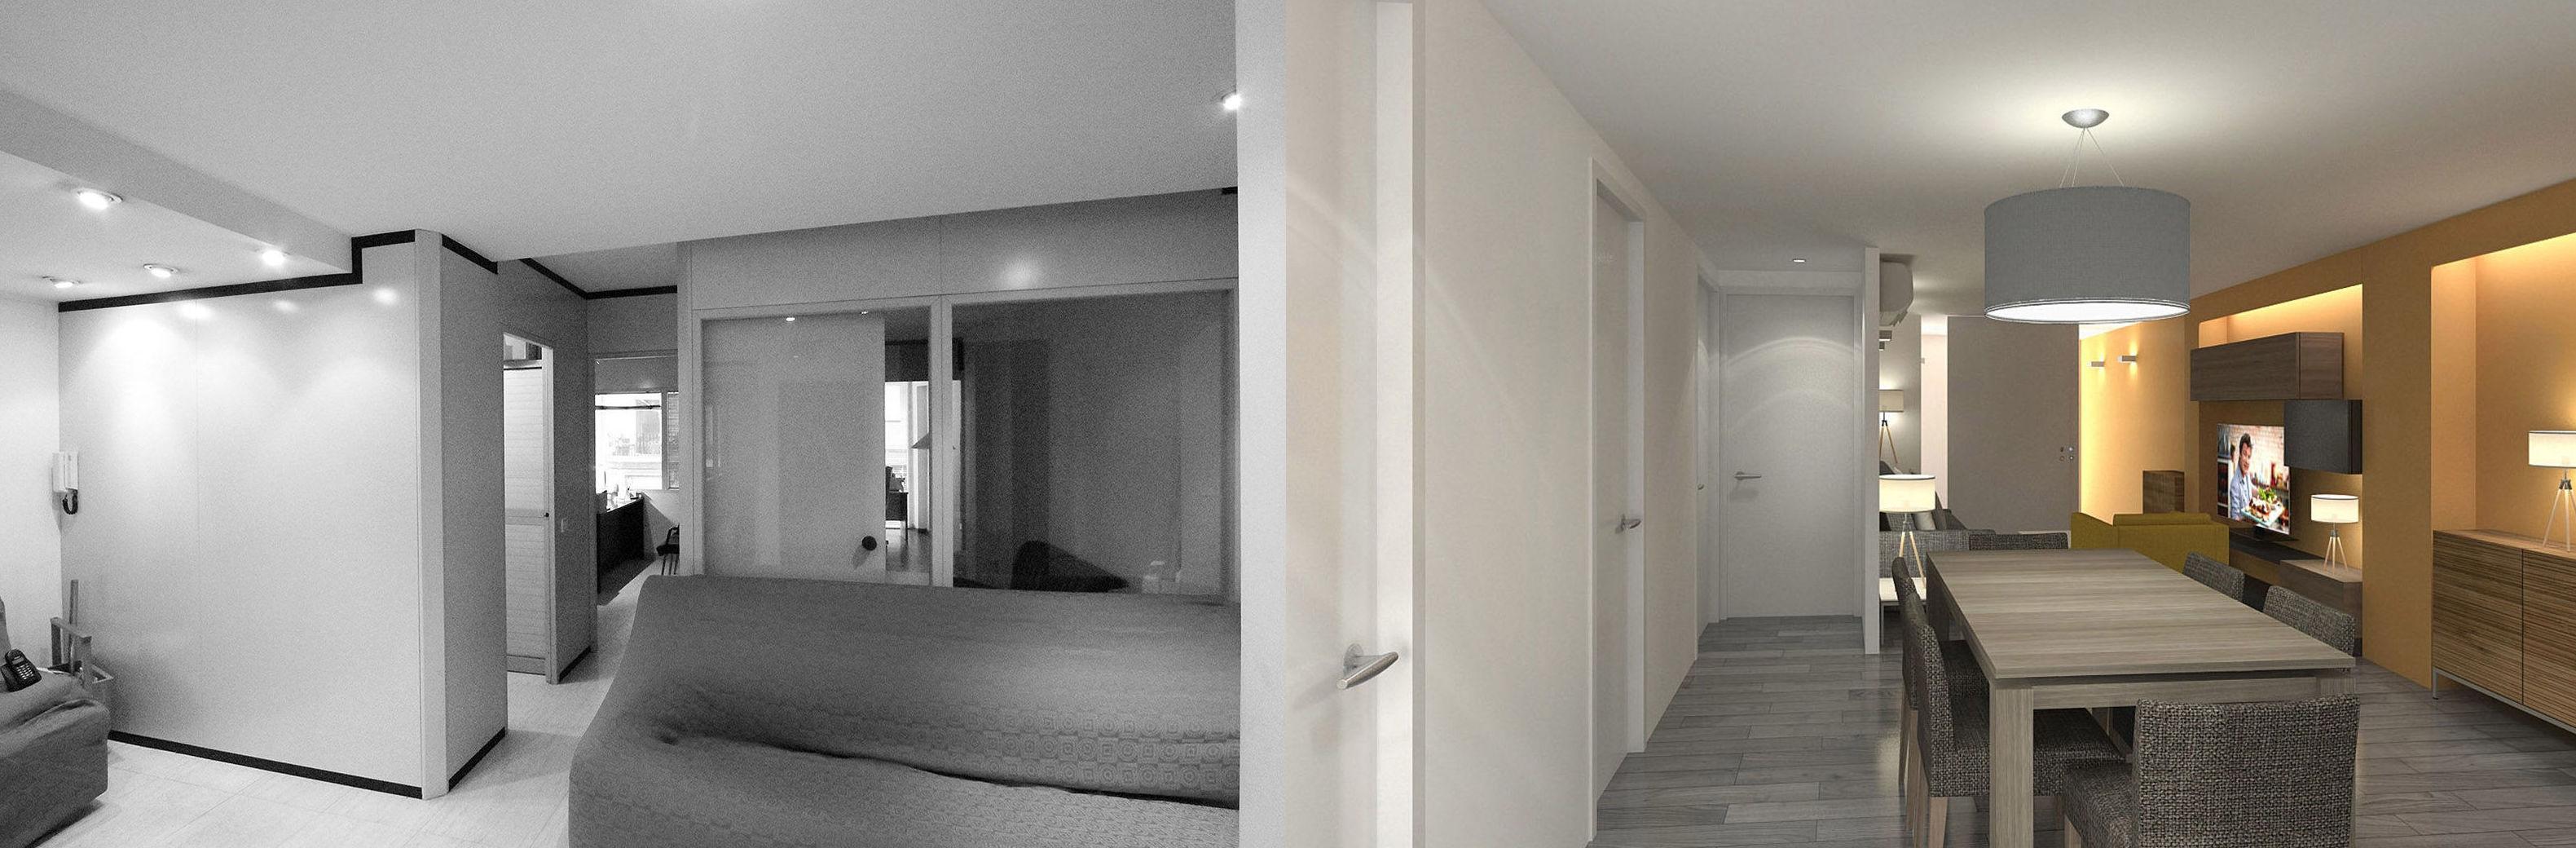 Diseño interior de vivienda en Barcelona.